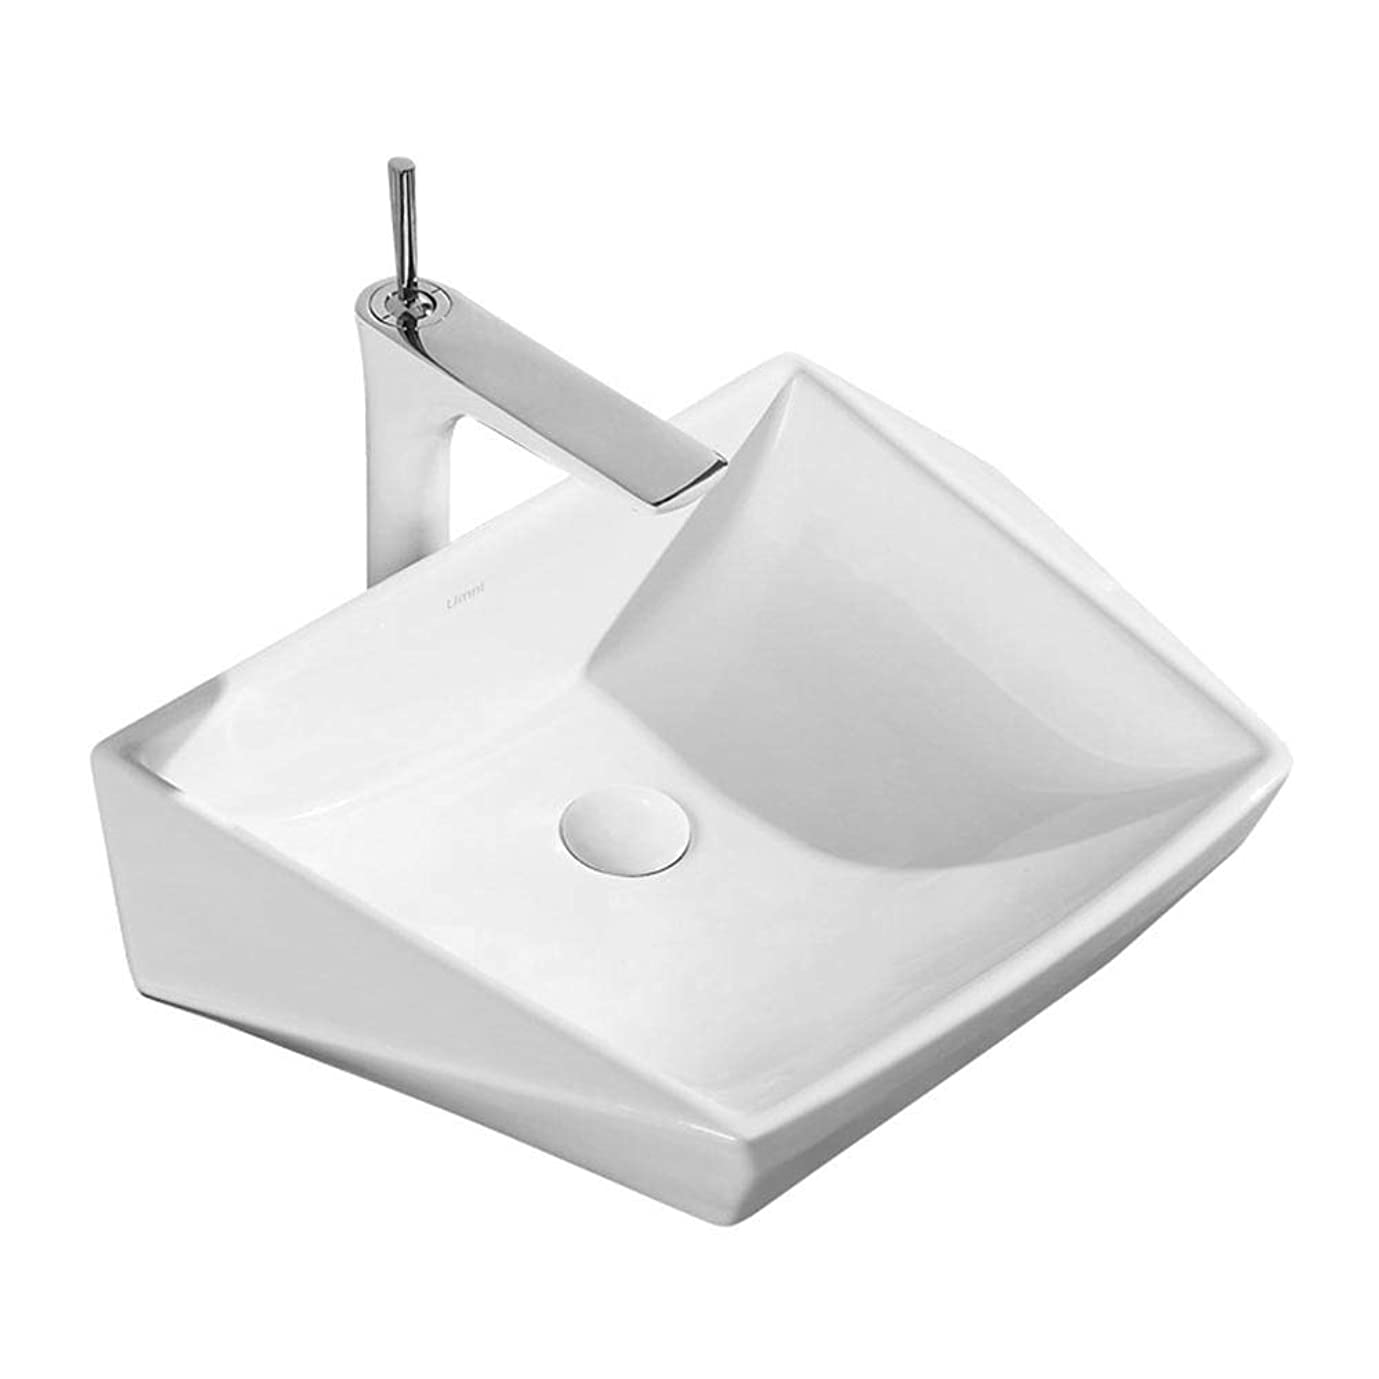 たっぷり黒人宇宙飛行士洗面ボール 現代上記カウンターダイヤモンドジオメトリセラミックバス船シンクカウンターシンクの洗面化粧台のキャビネットバスルームのシンク 浴室洗面台 (Color : White, Size : 60X42.5X15.5CM)